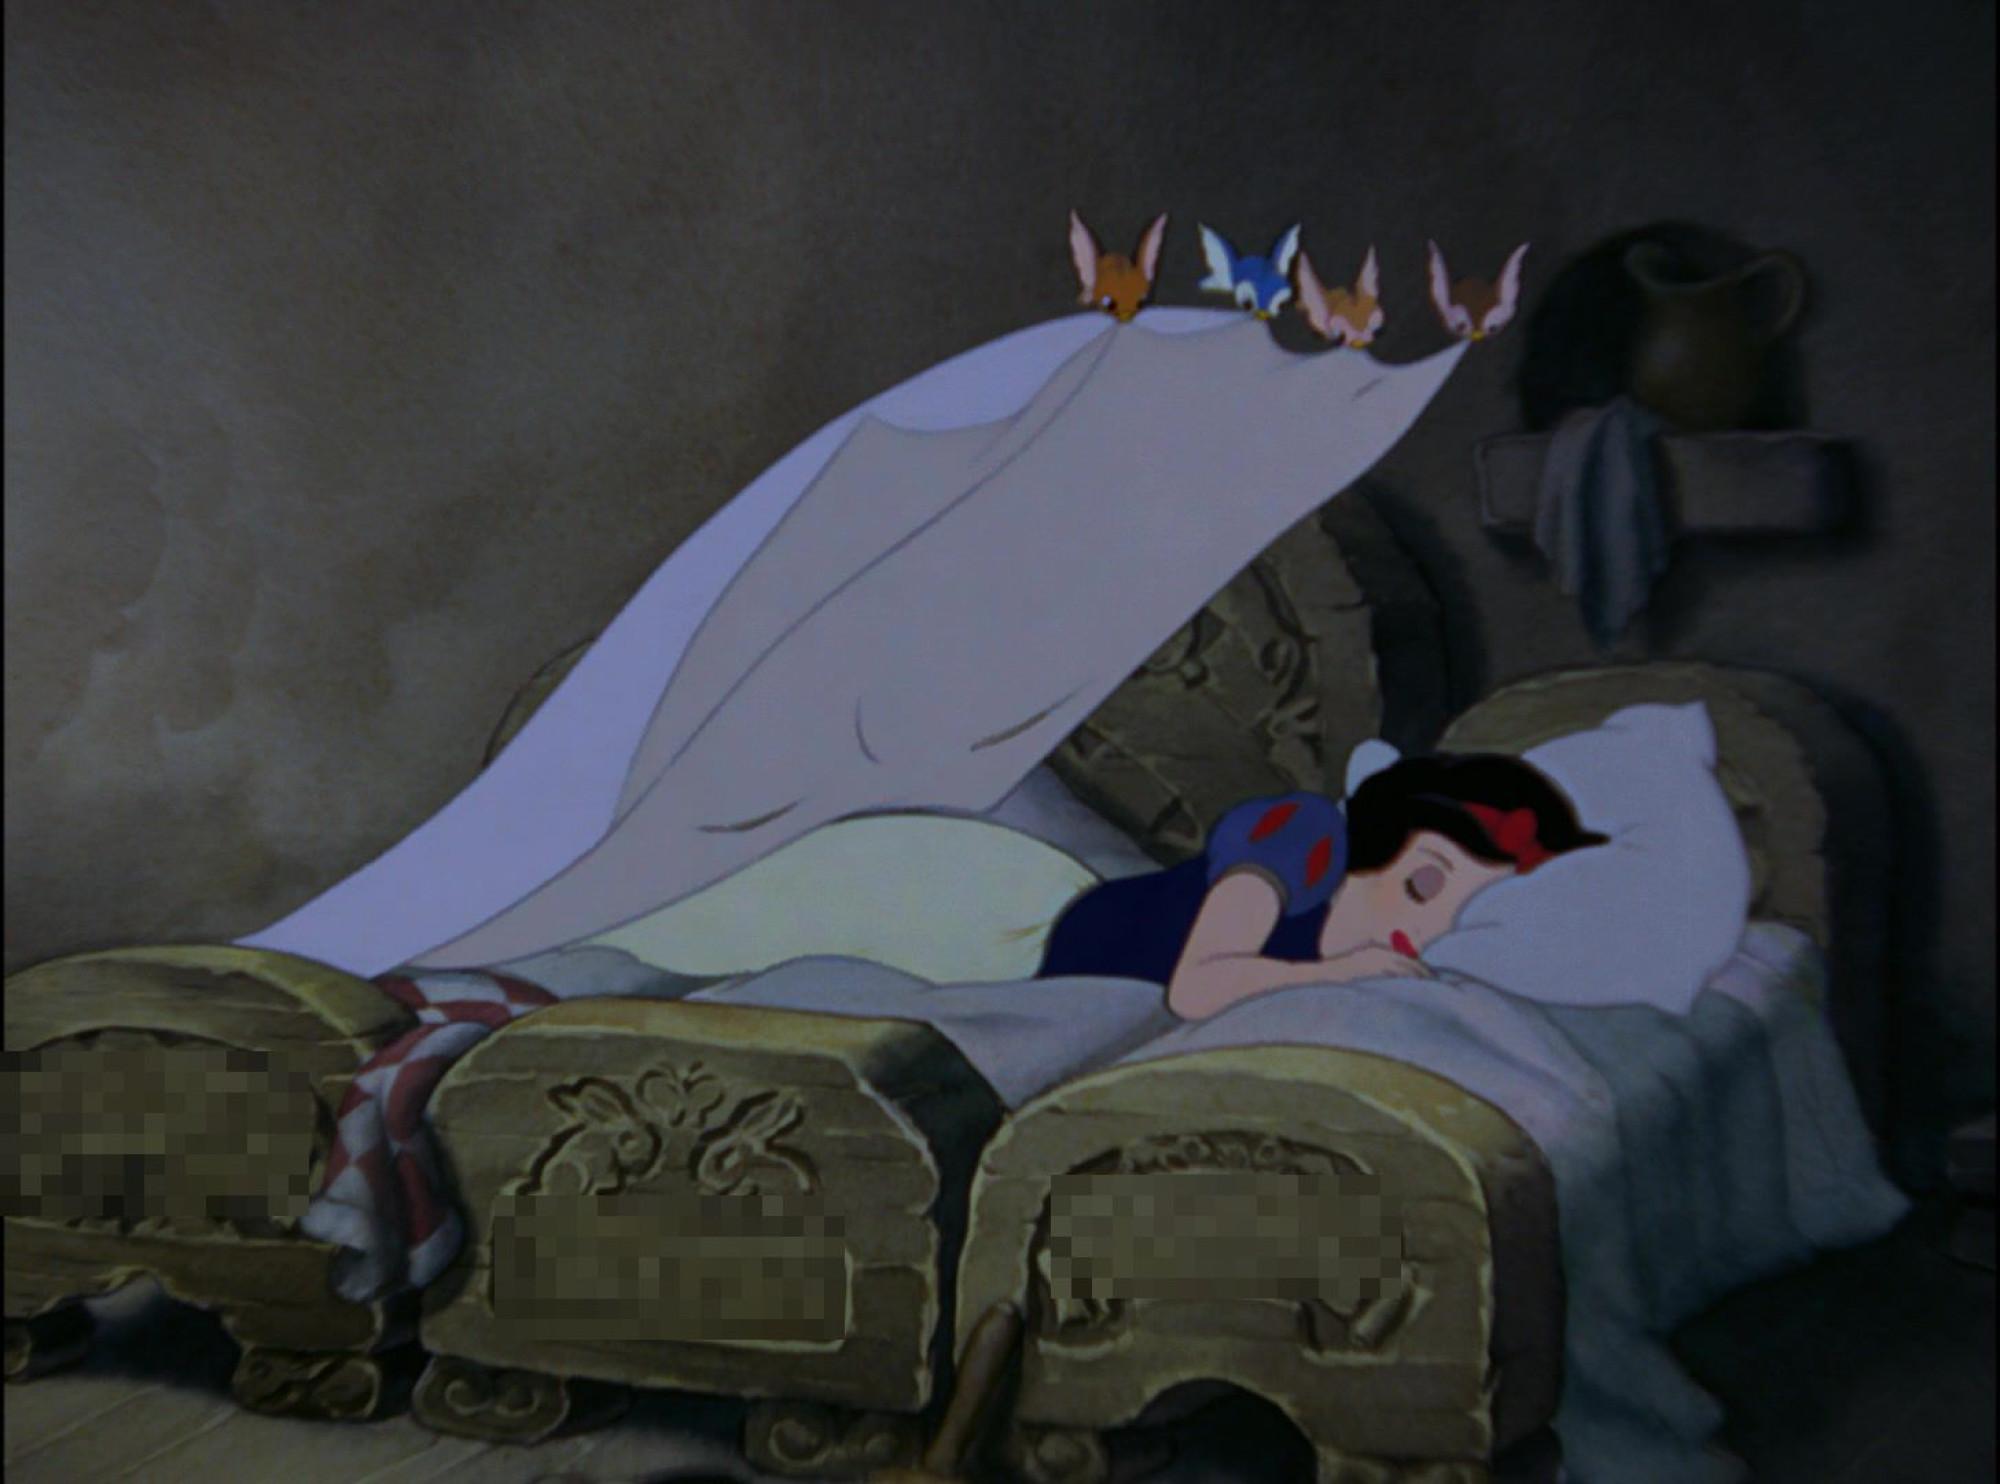 白雪姫が横になった小人のベッドは誰のもの?